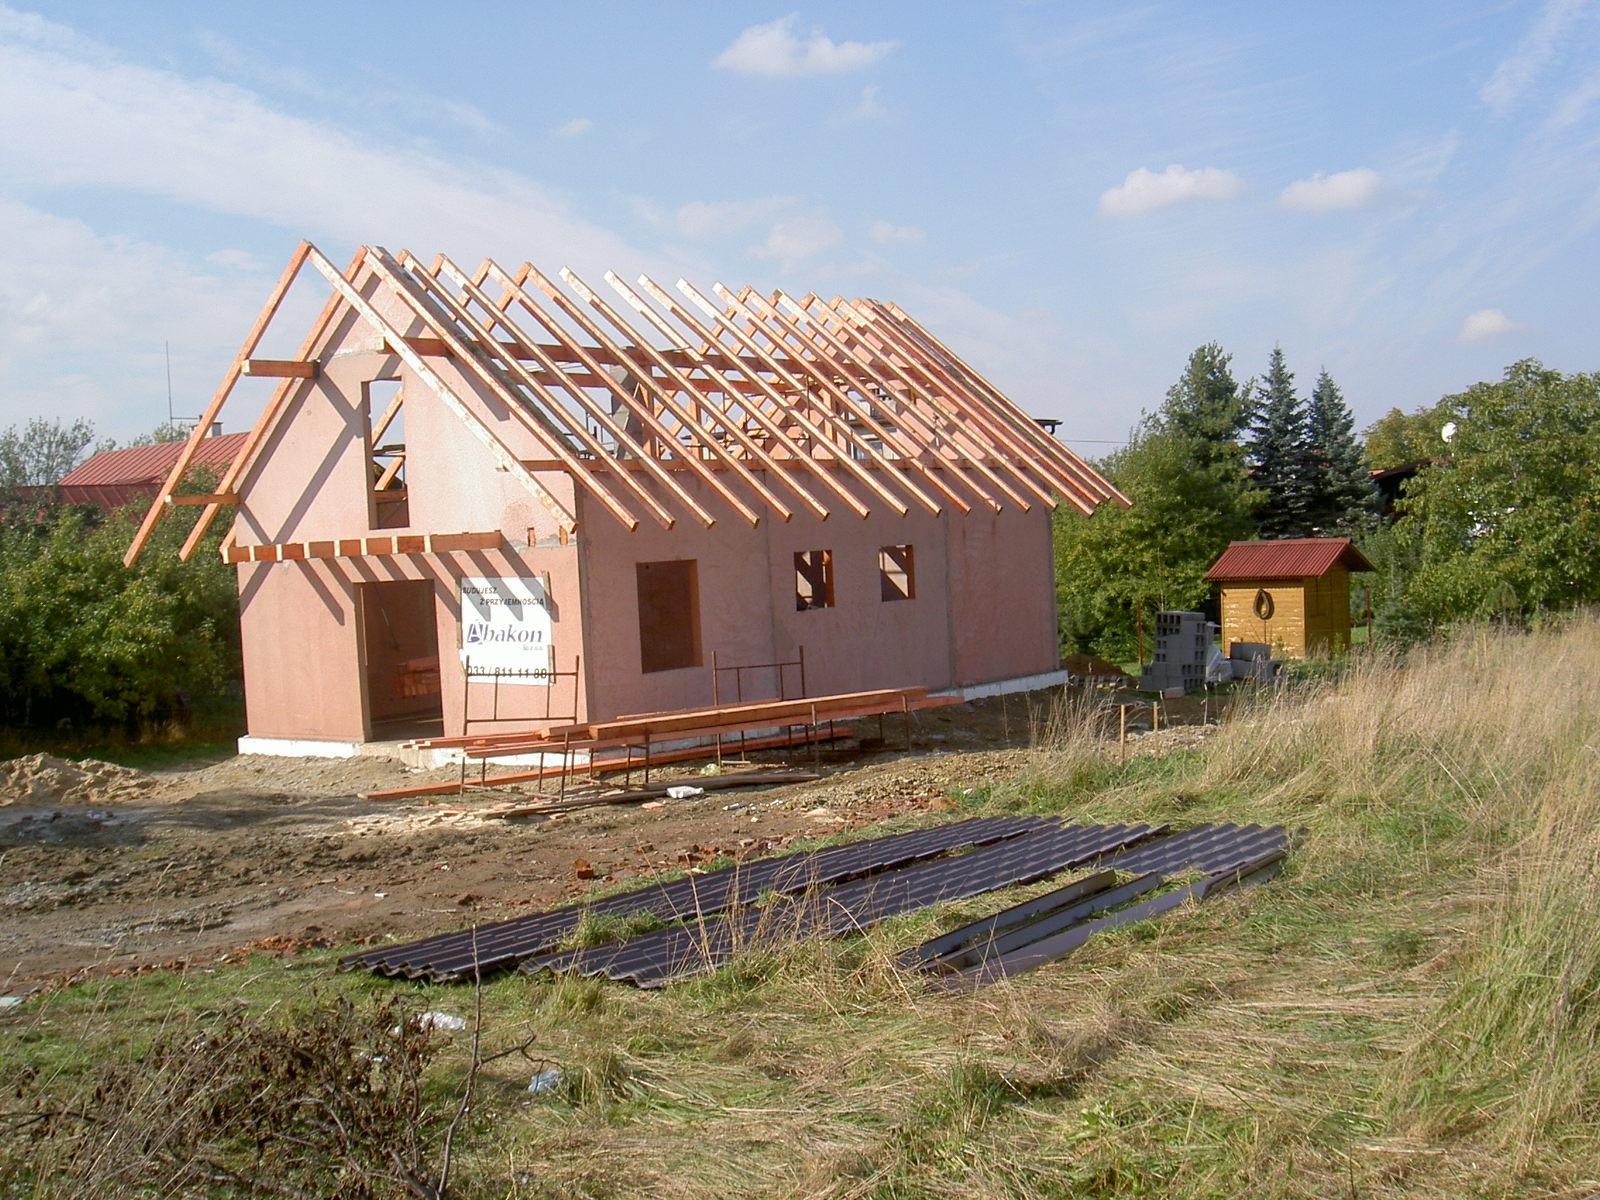 Projekty levných montovaných domů z keramzitu